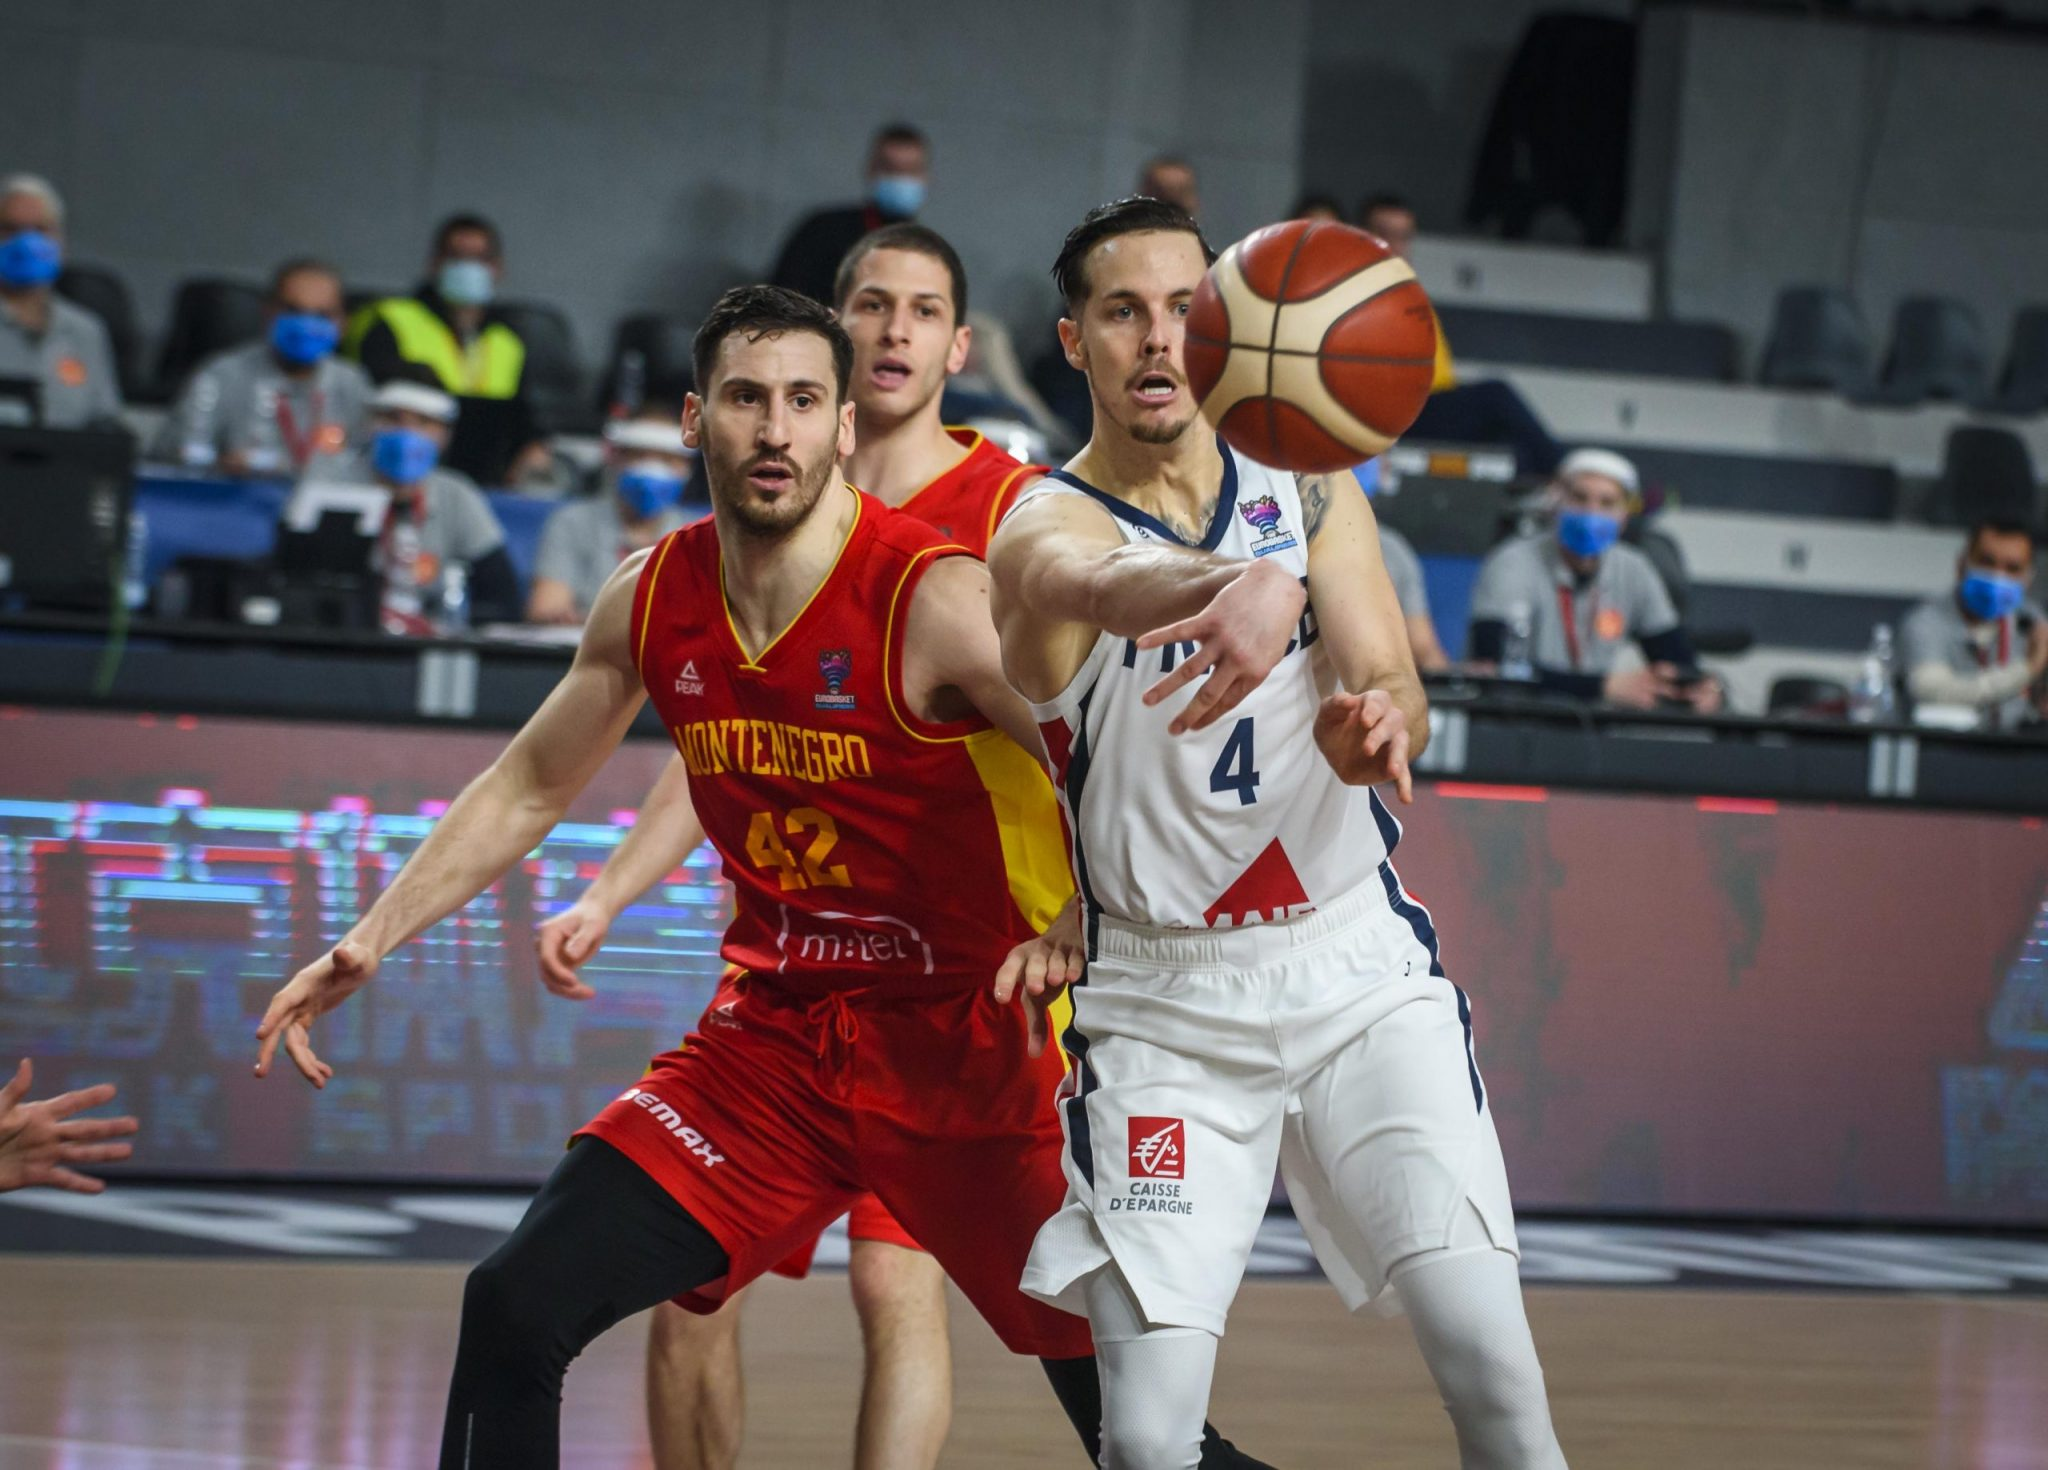 Heurtel vuelve a jugar: Clave en el partido de Francia y clasificación para el Eurobasket